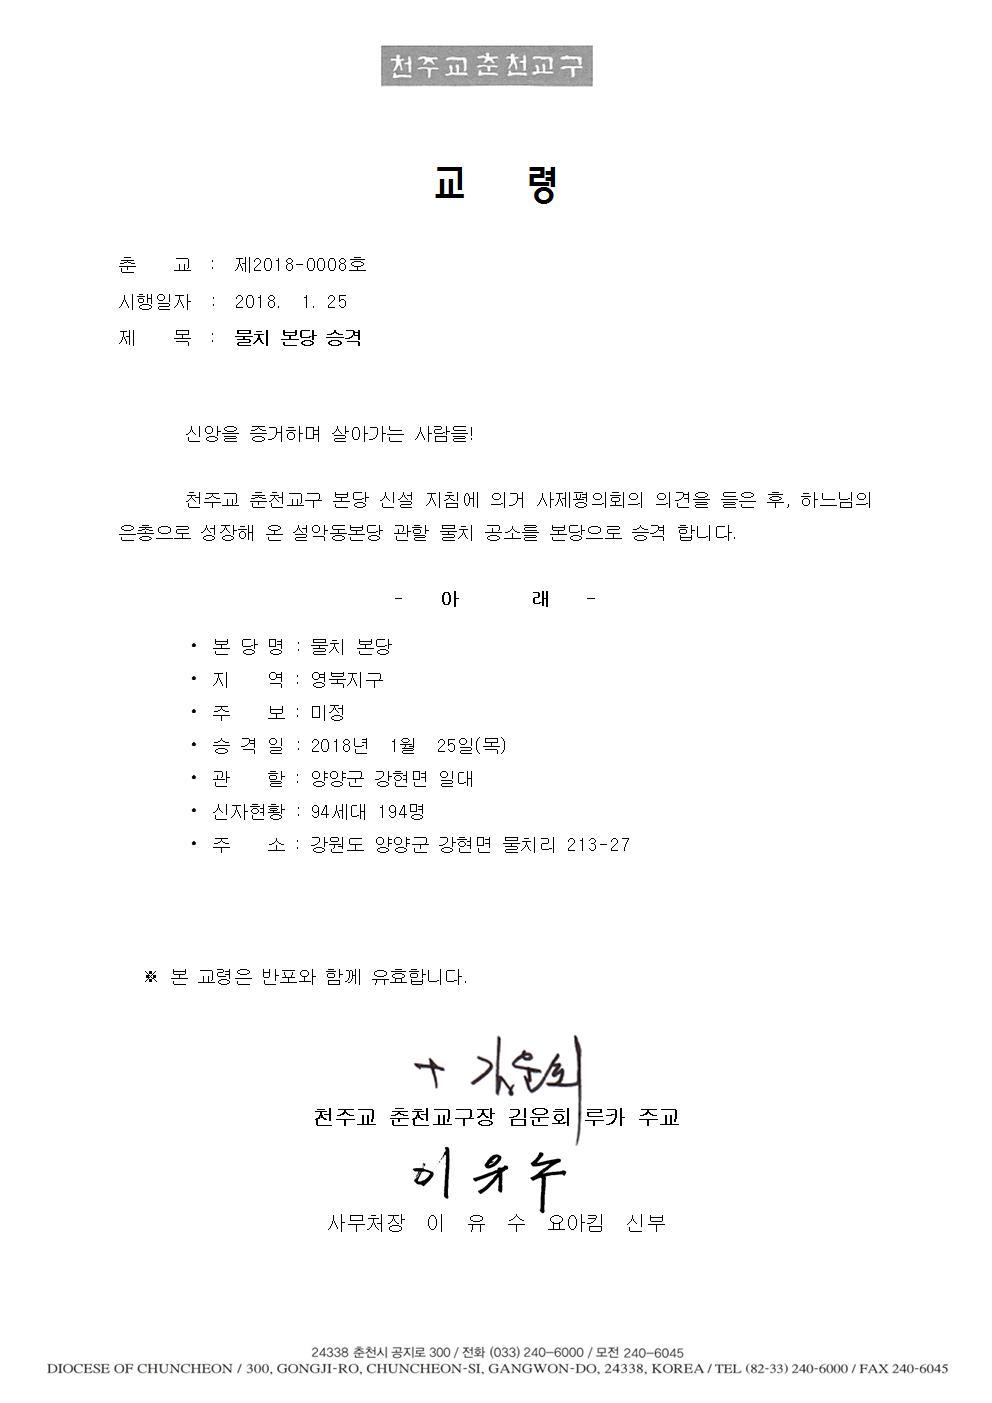 춘교 18-0008호 교령 물치본당 승격001.jpg